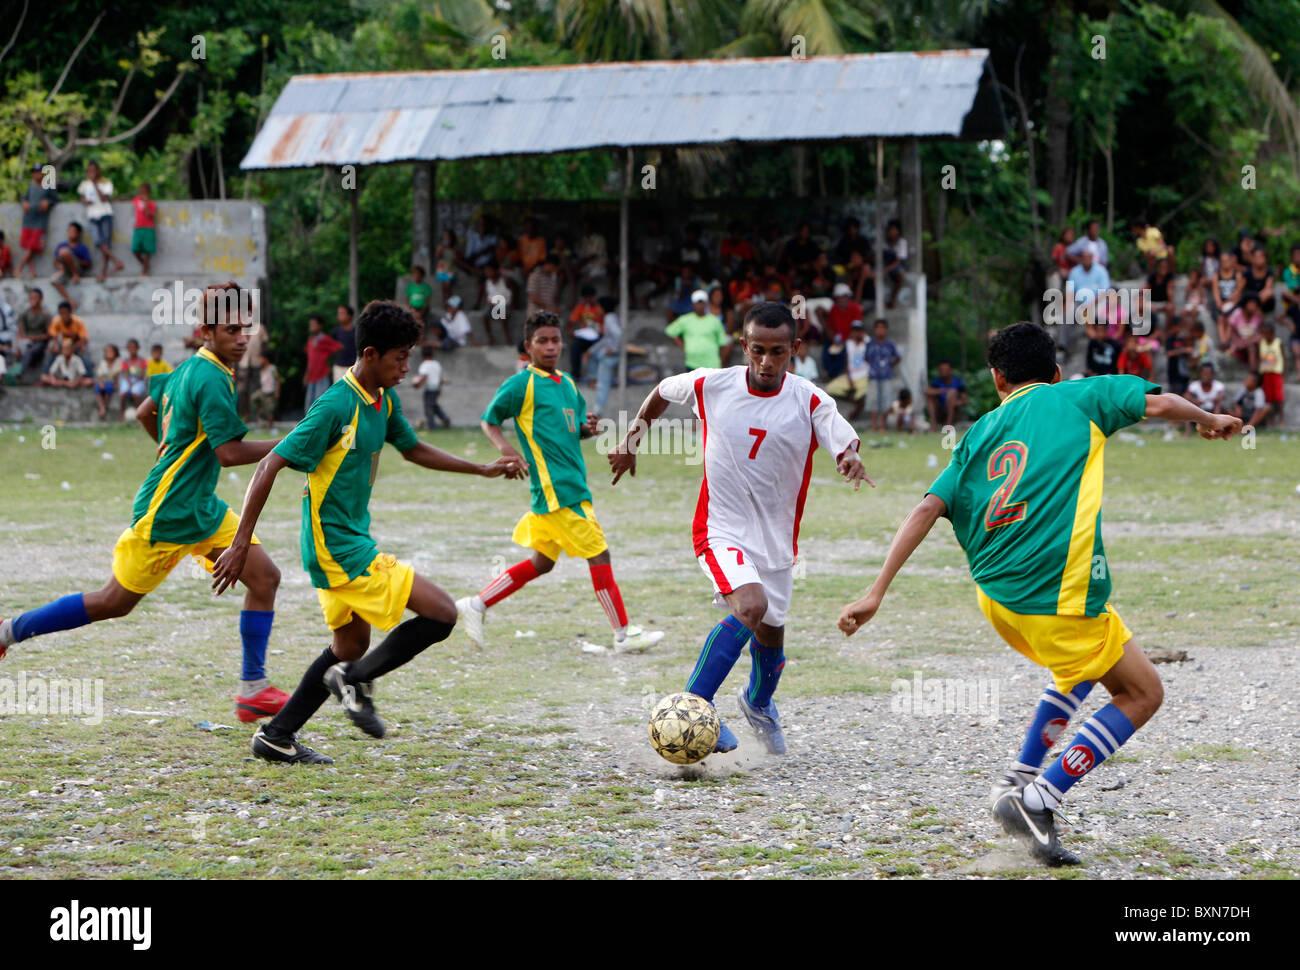 Soccer match in Liquica, Timor Leste (East Timor) - Stock Image